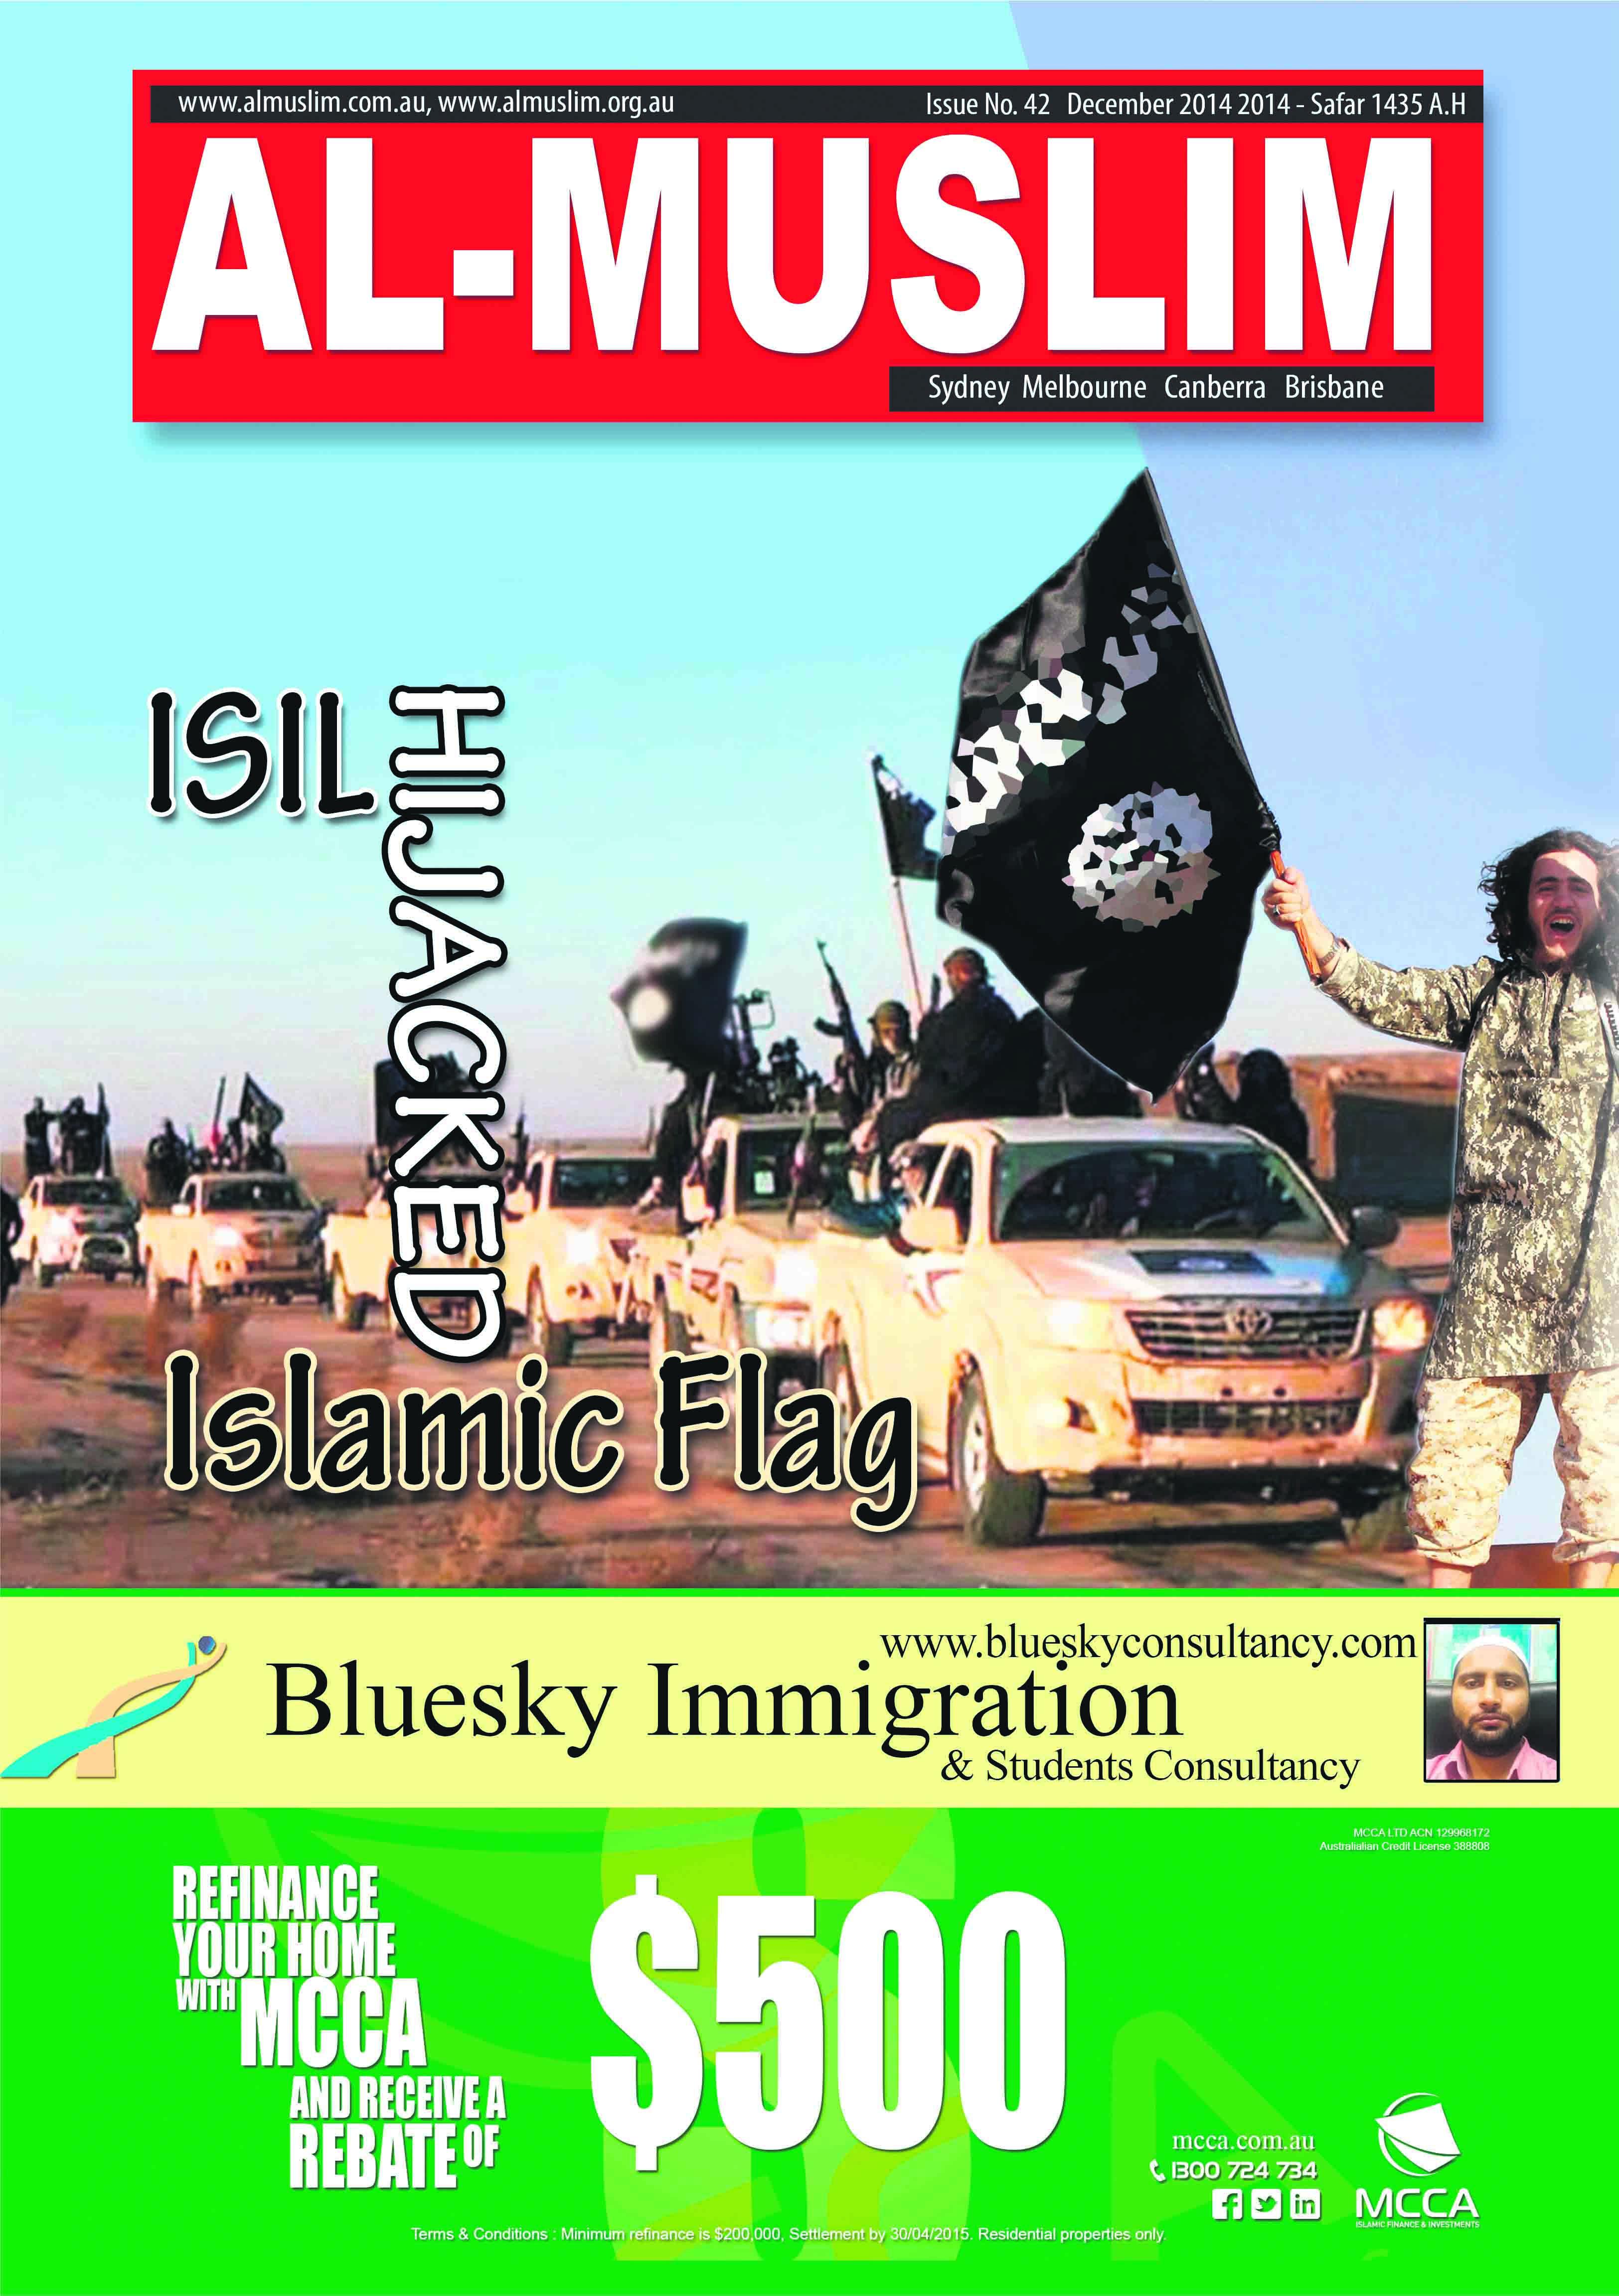 magazine muslim 2017 - volume 107 the muslim world 2016 - volume 106 the muslim world 2015 - volume 105 the muslim world 2014 - volume 104 the muslim world 2013 .